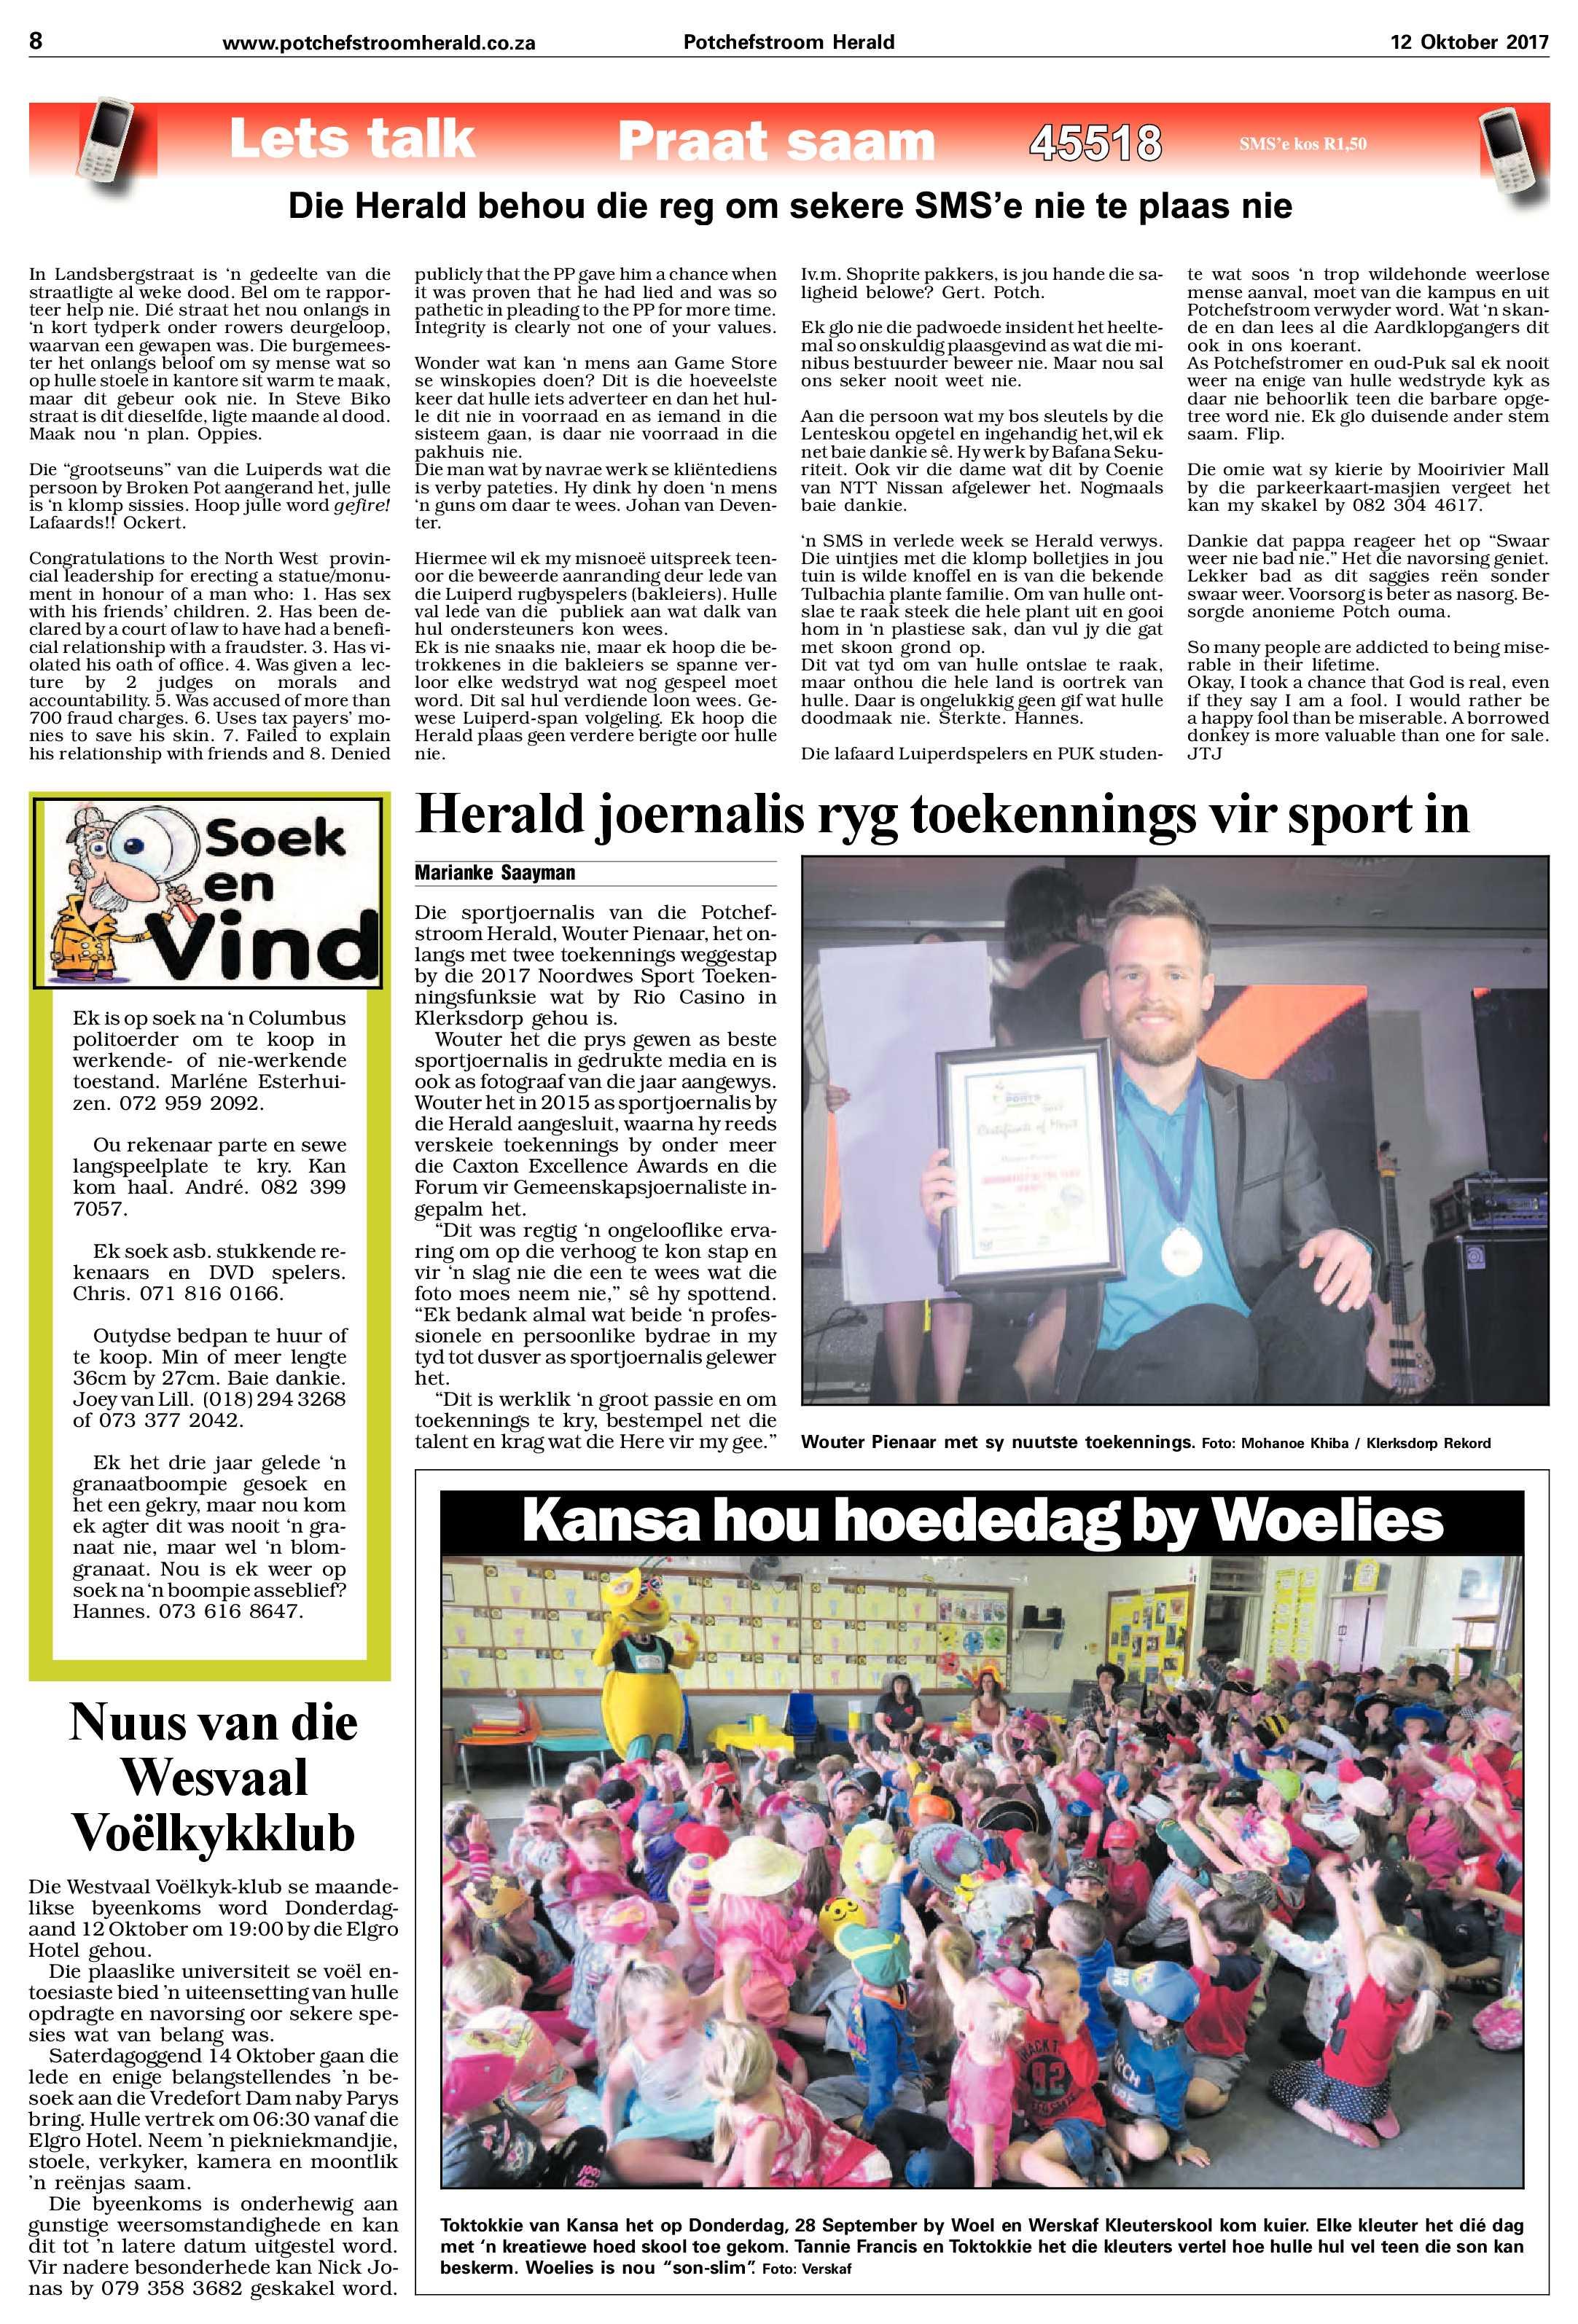 12-oktober-2017-epapers-page-8